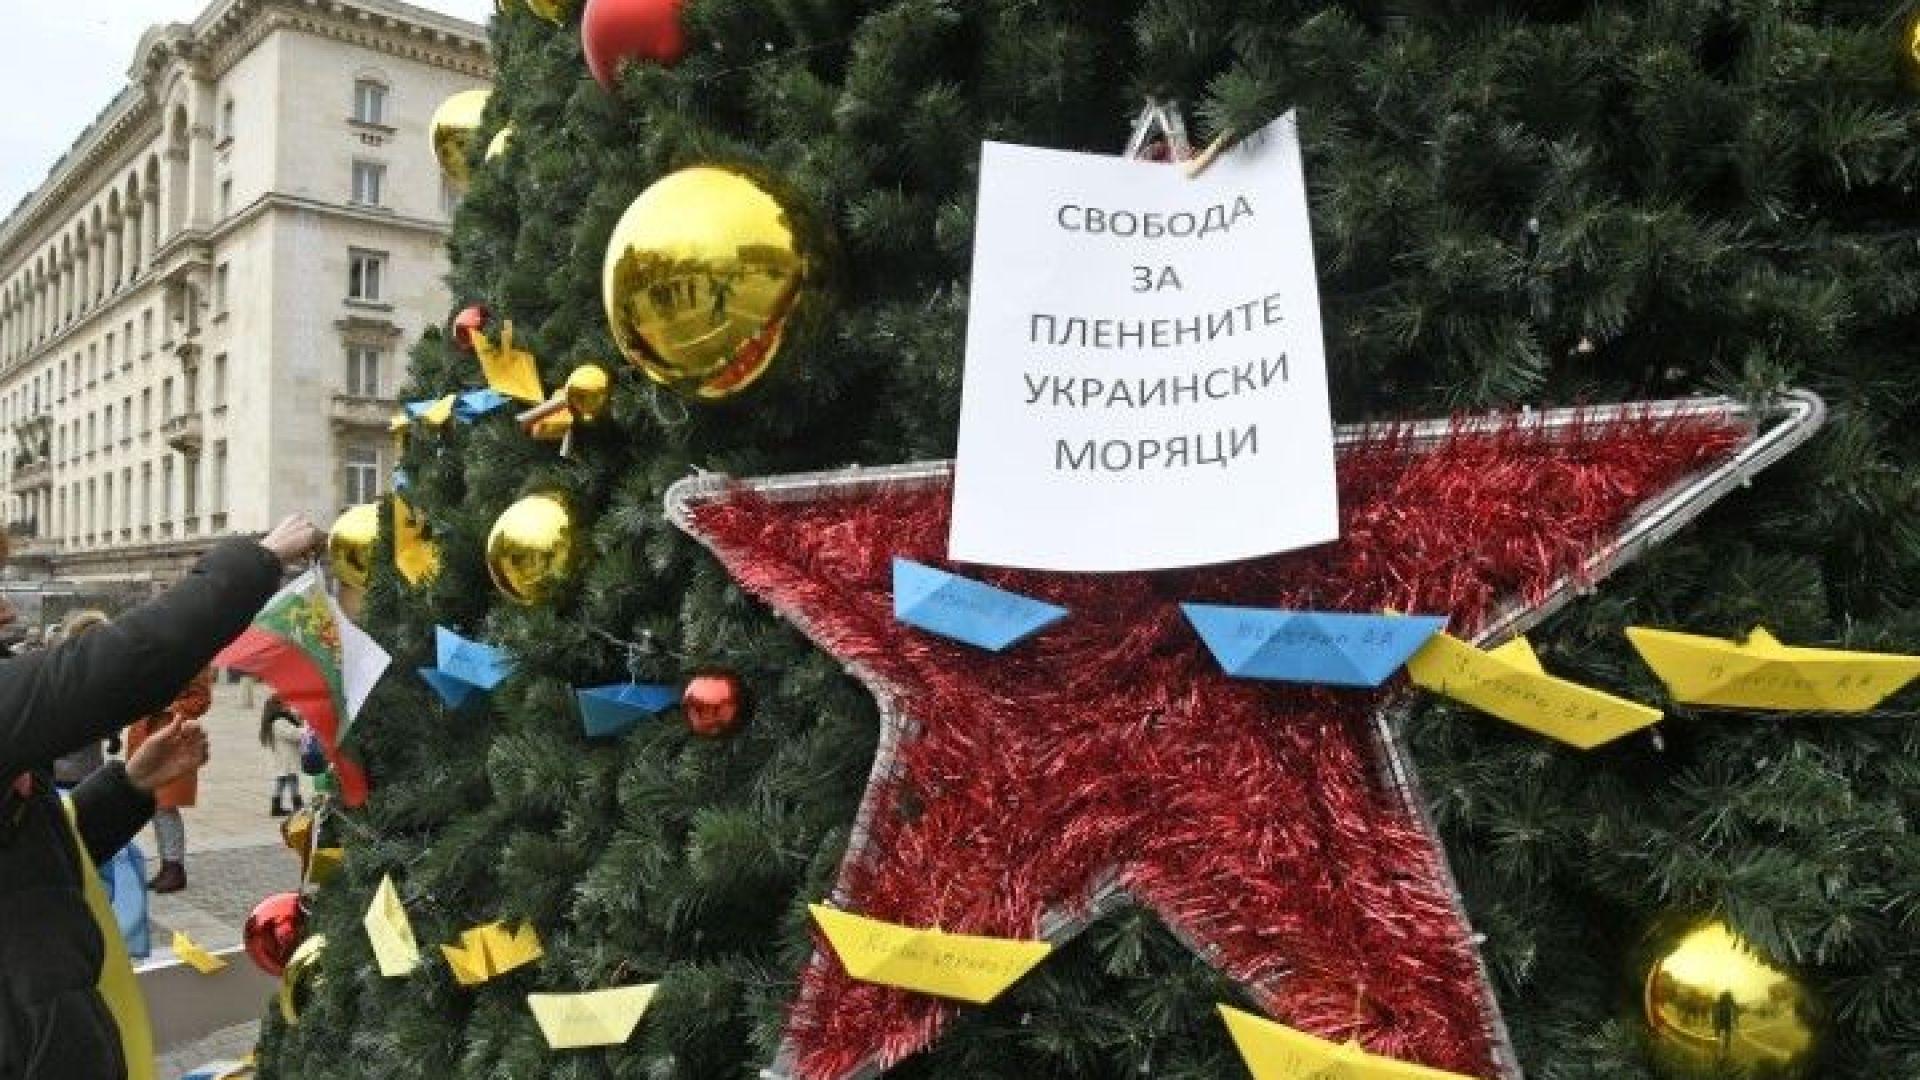 Елхата на раздора: Защо коледно дръвче скара про- и анти-руски настроените у нас?